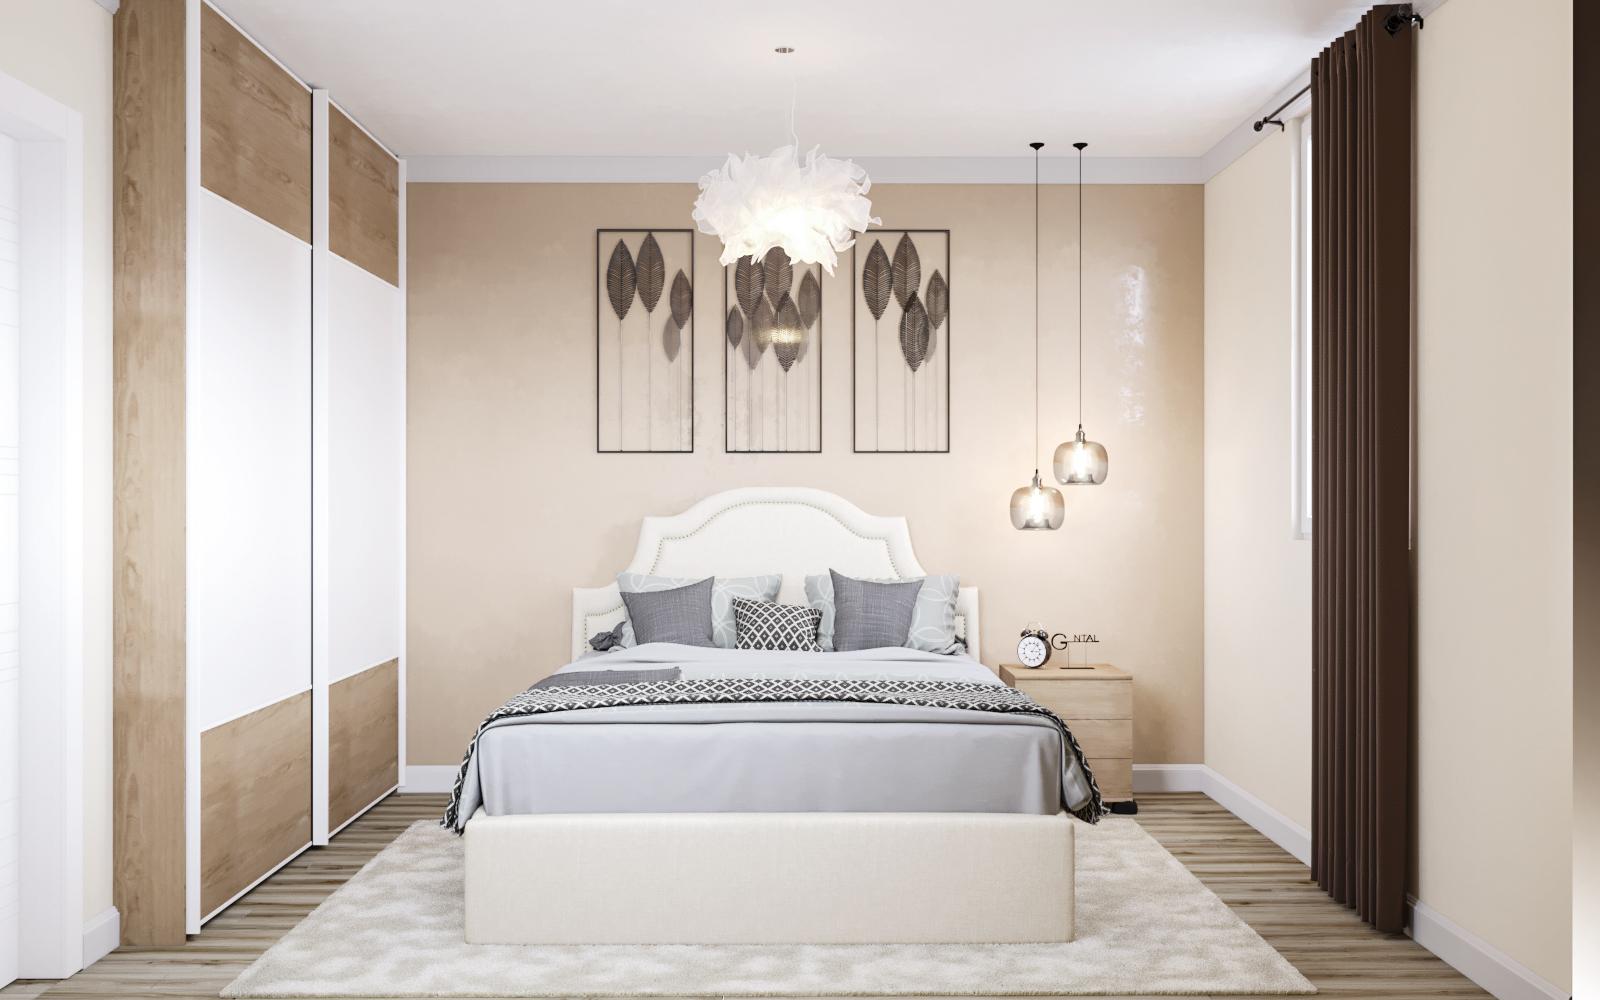 बेडरूम नंबर 2 3d max corona render में प्रस्तुत छवि